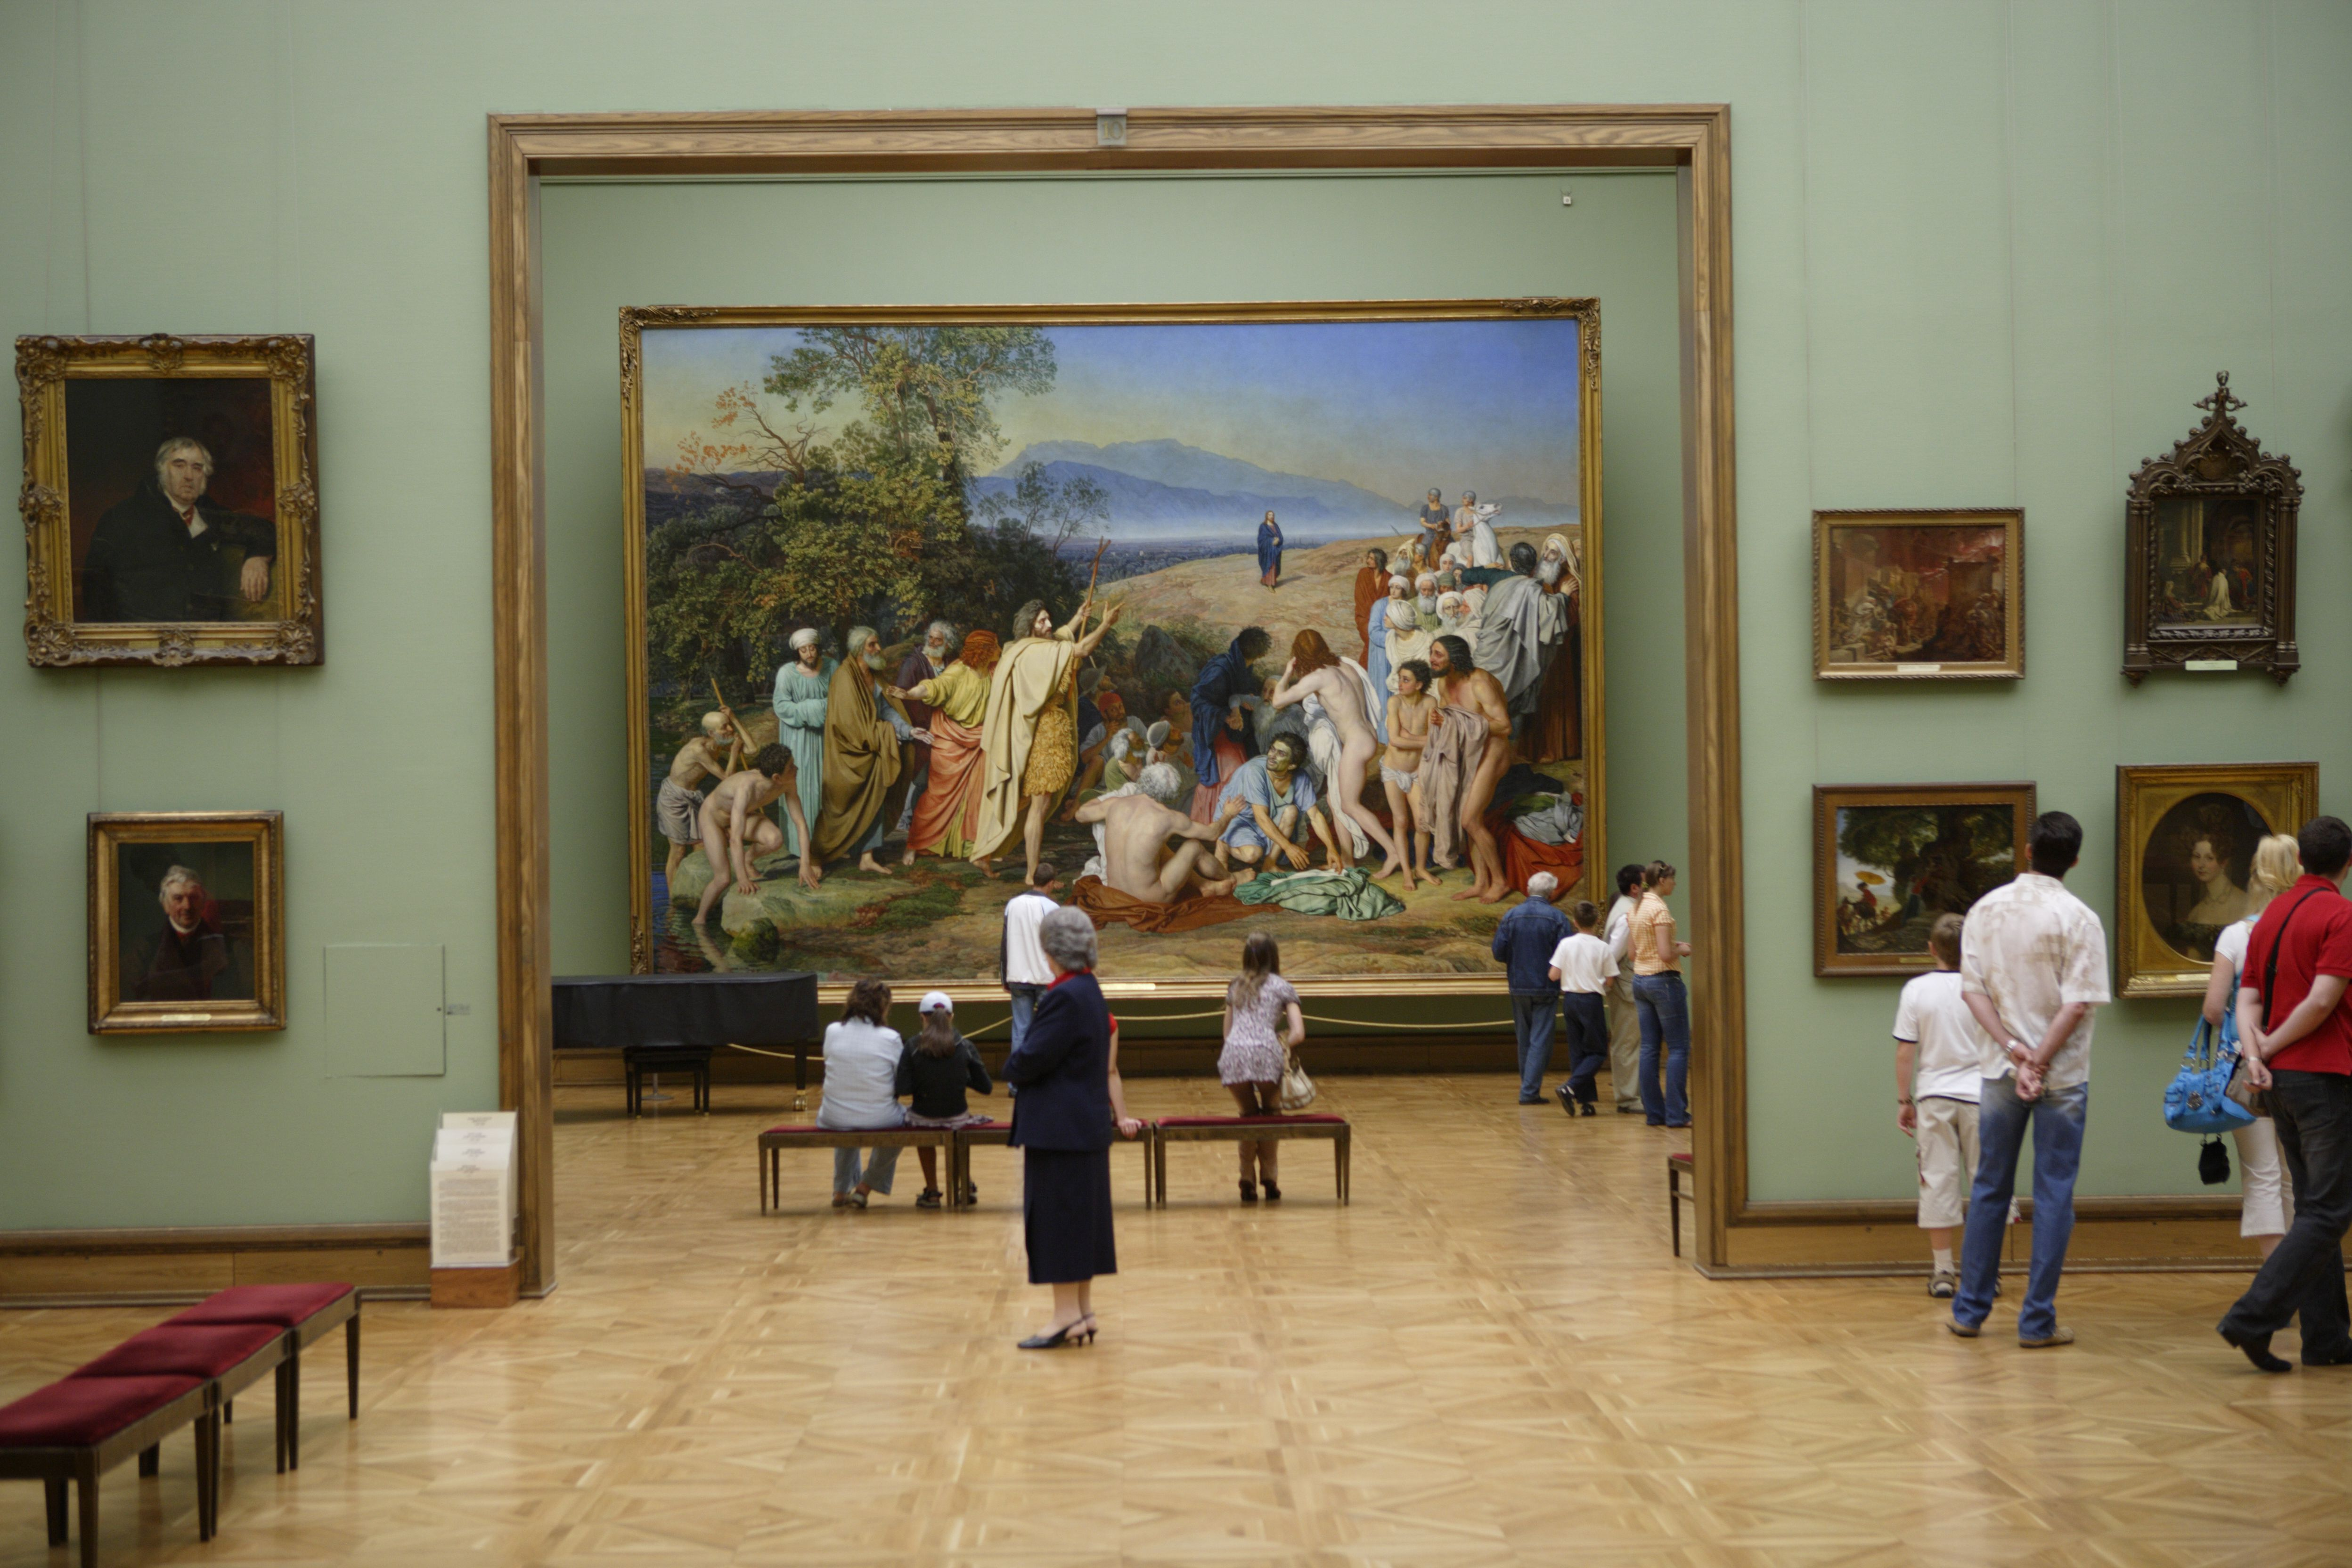 Visitors looking at paintings in Tretyakov Gallery